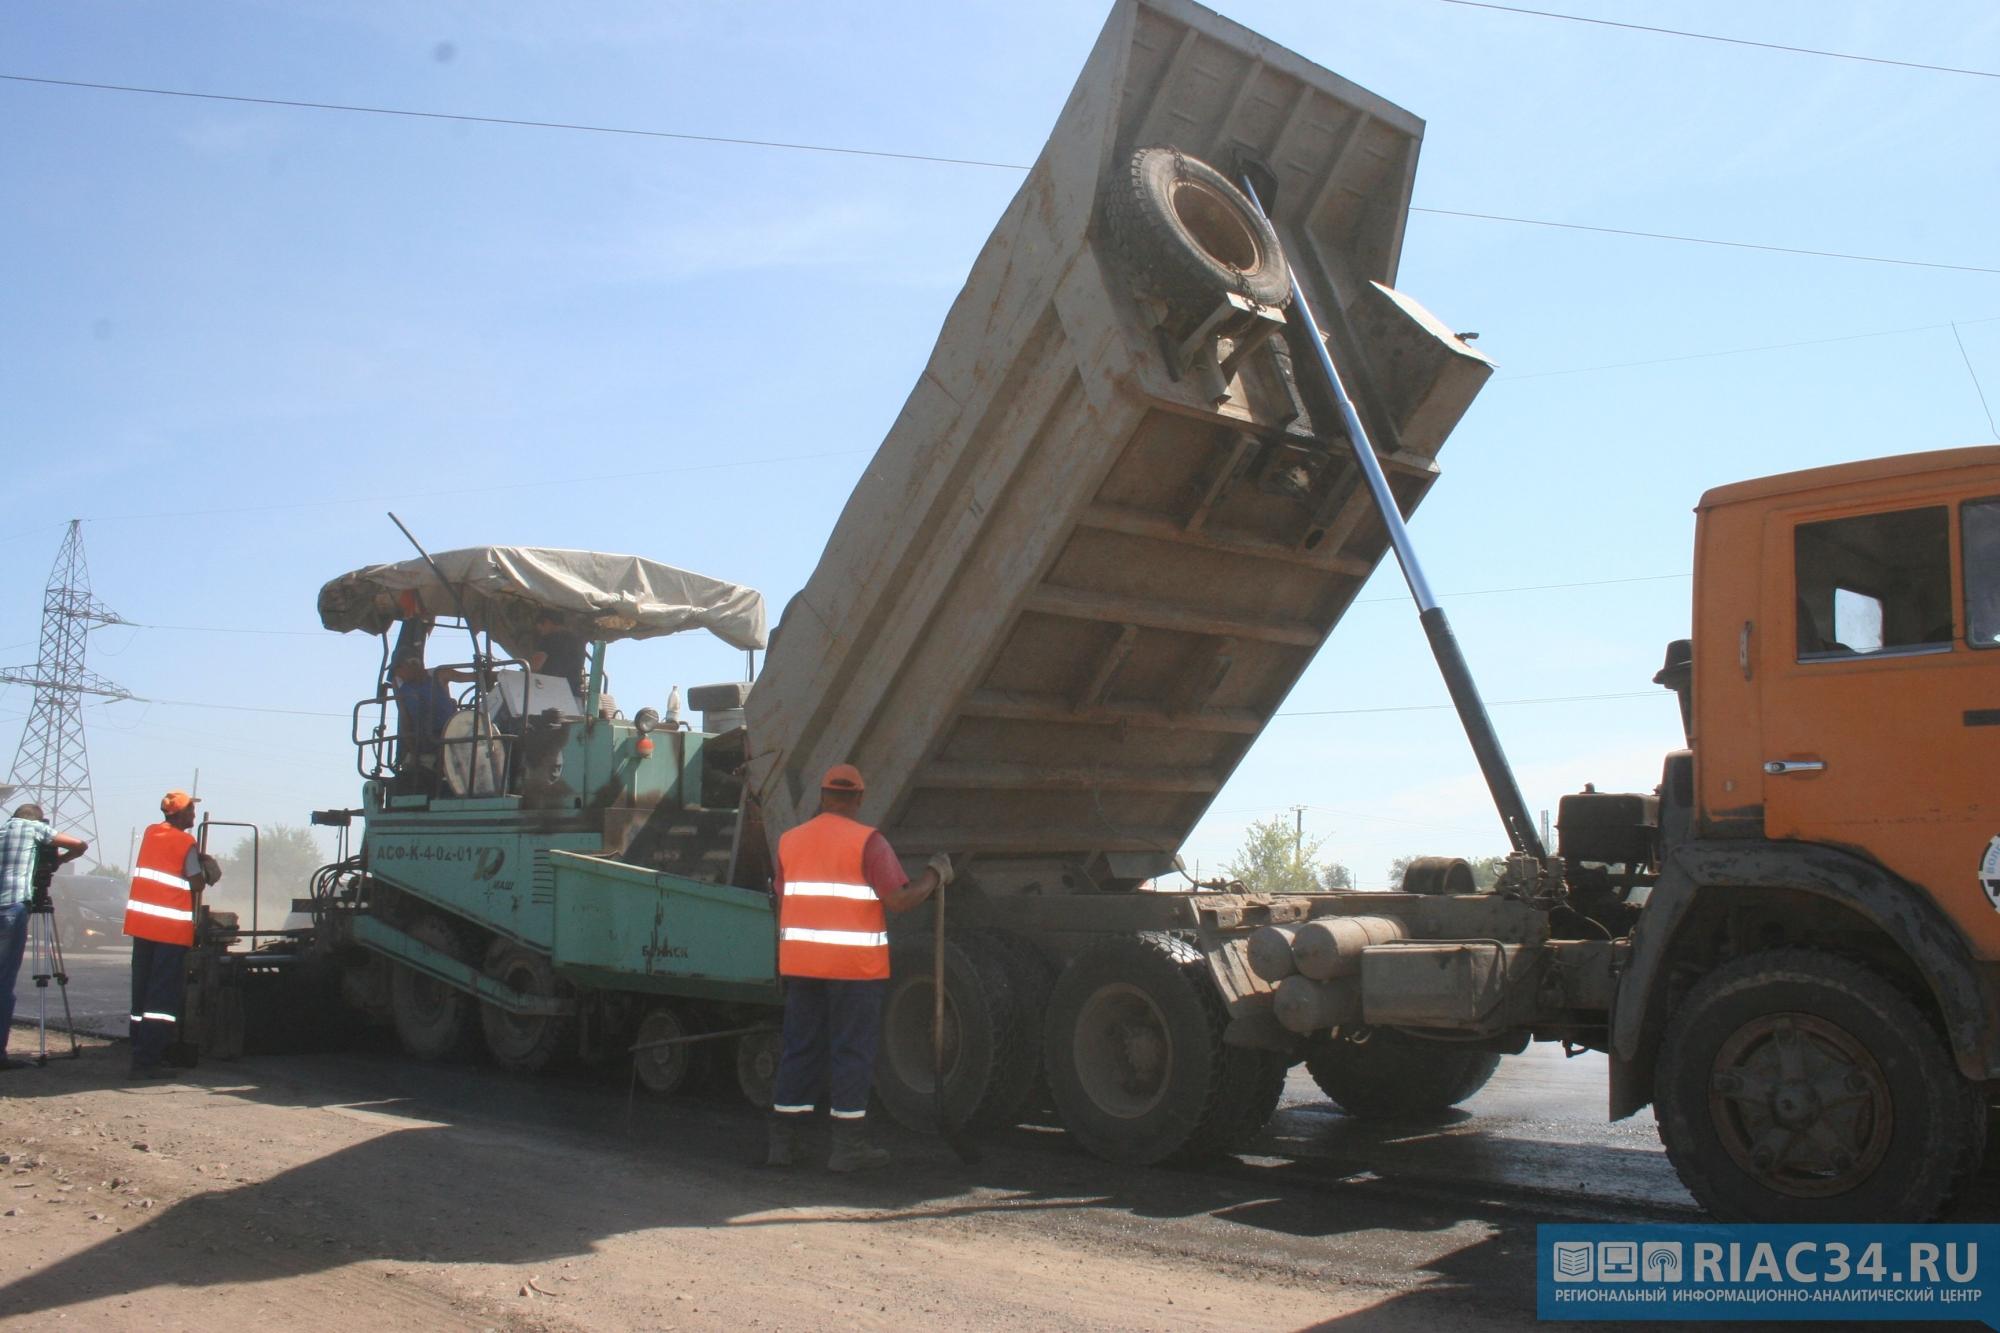 Подрядчик за собственный счет отремонтирует улицу Неждановой вВолгограде